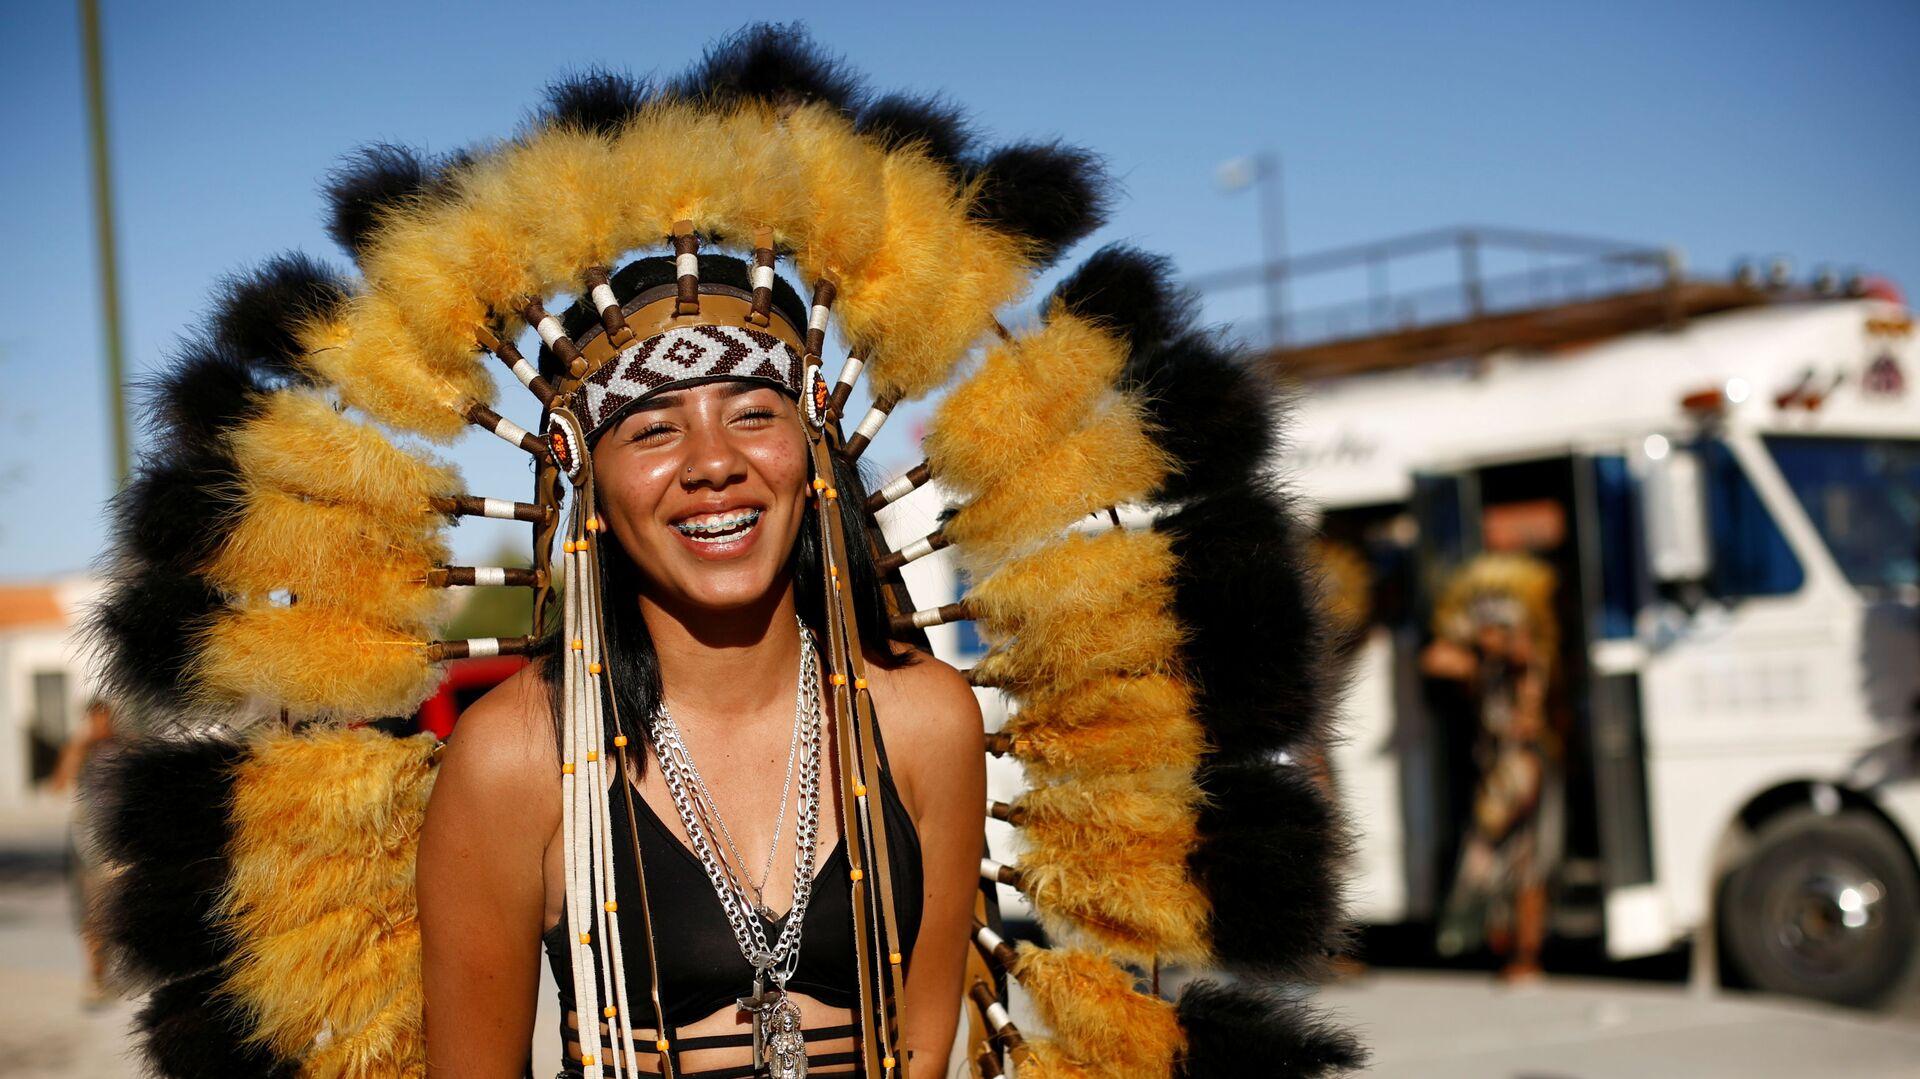 Танцовщица в костюме во время празднования Страстной недели в Сьюдад-Хуаресе, Мексика - Sputnik Mundo, 1920, 04.04.2021